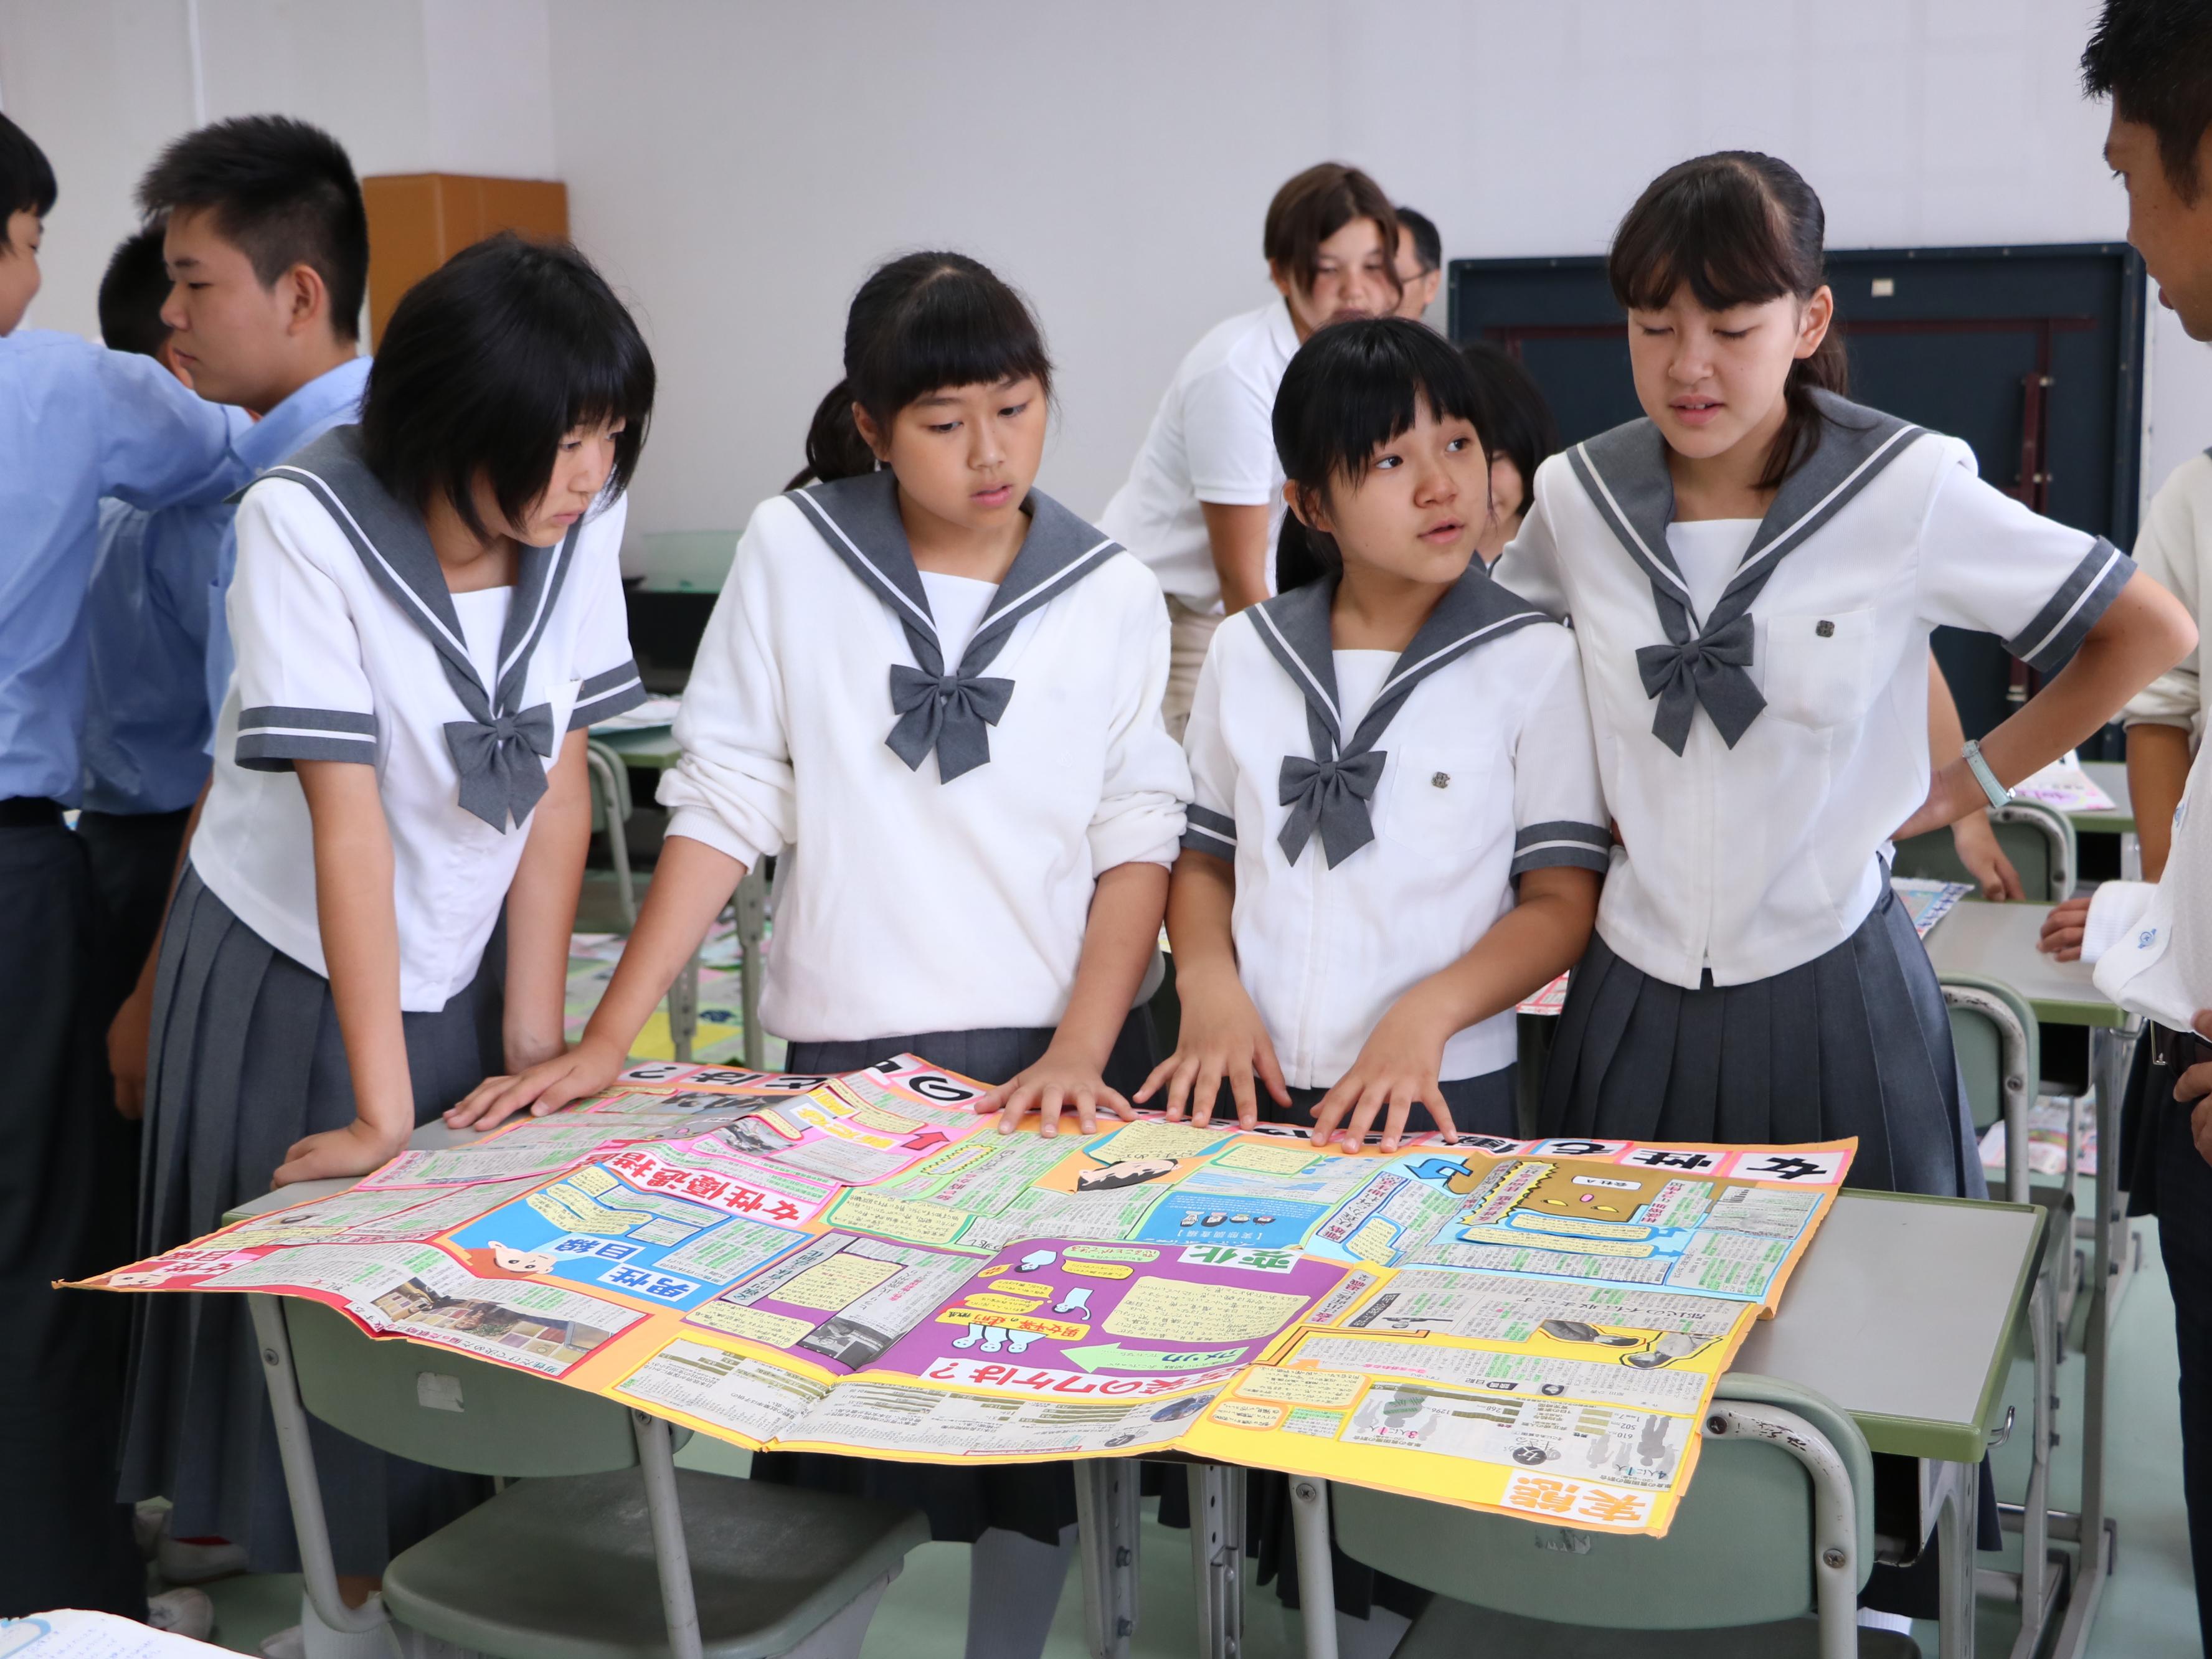 <h4>NIE(Newspaper in Education)</h4>